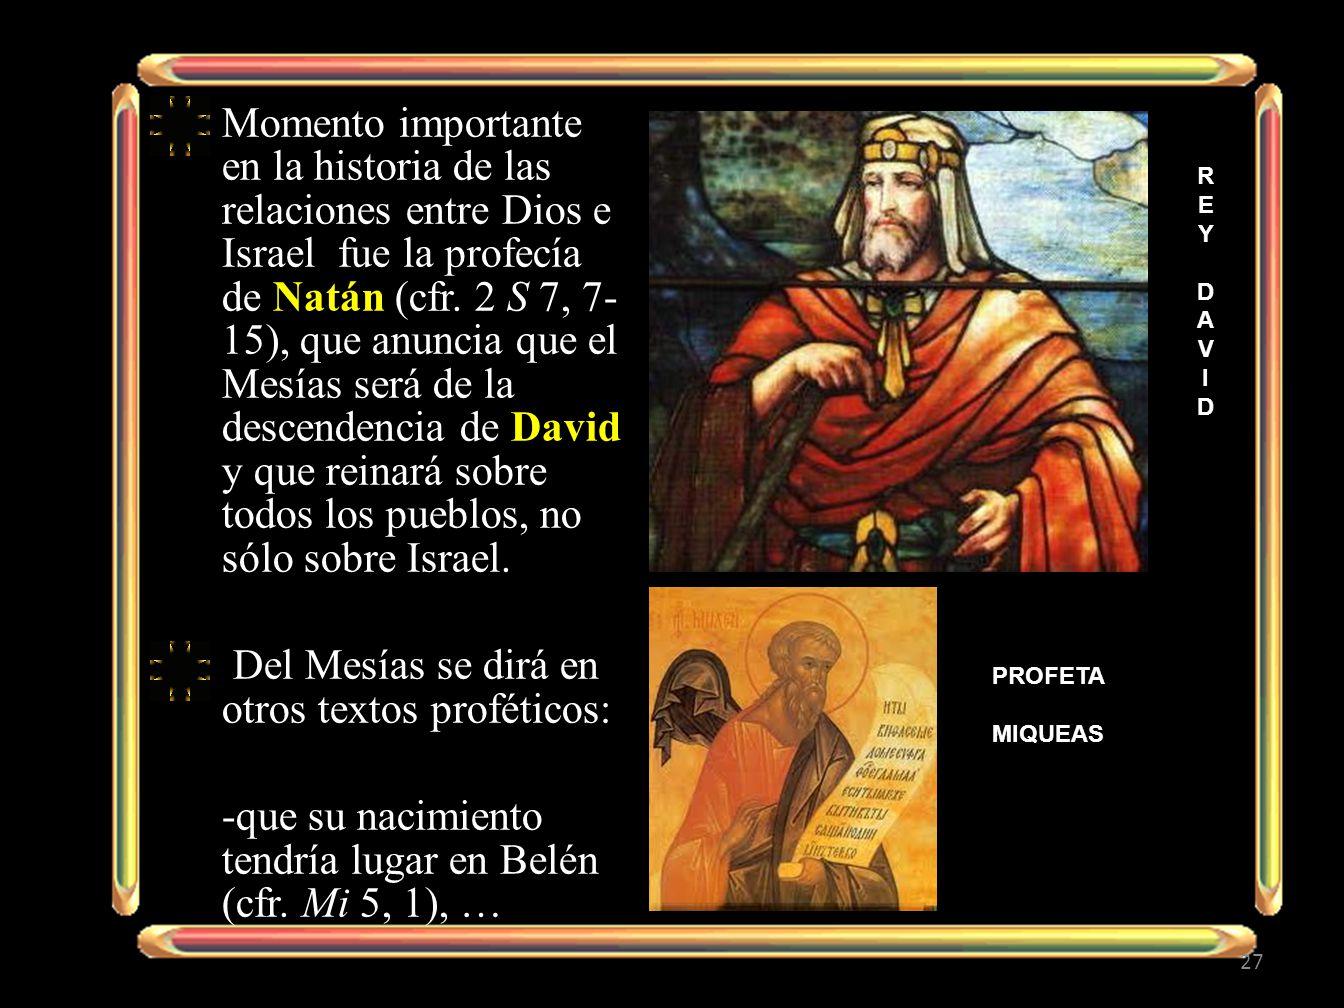 Momento importante en la historia de las relaciones entre Dios e Israel fue la profecía de Natán (cfr.